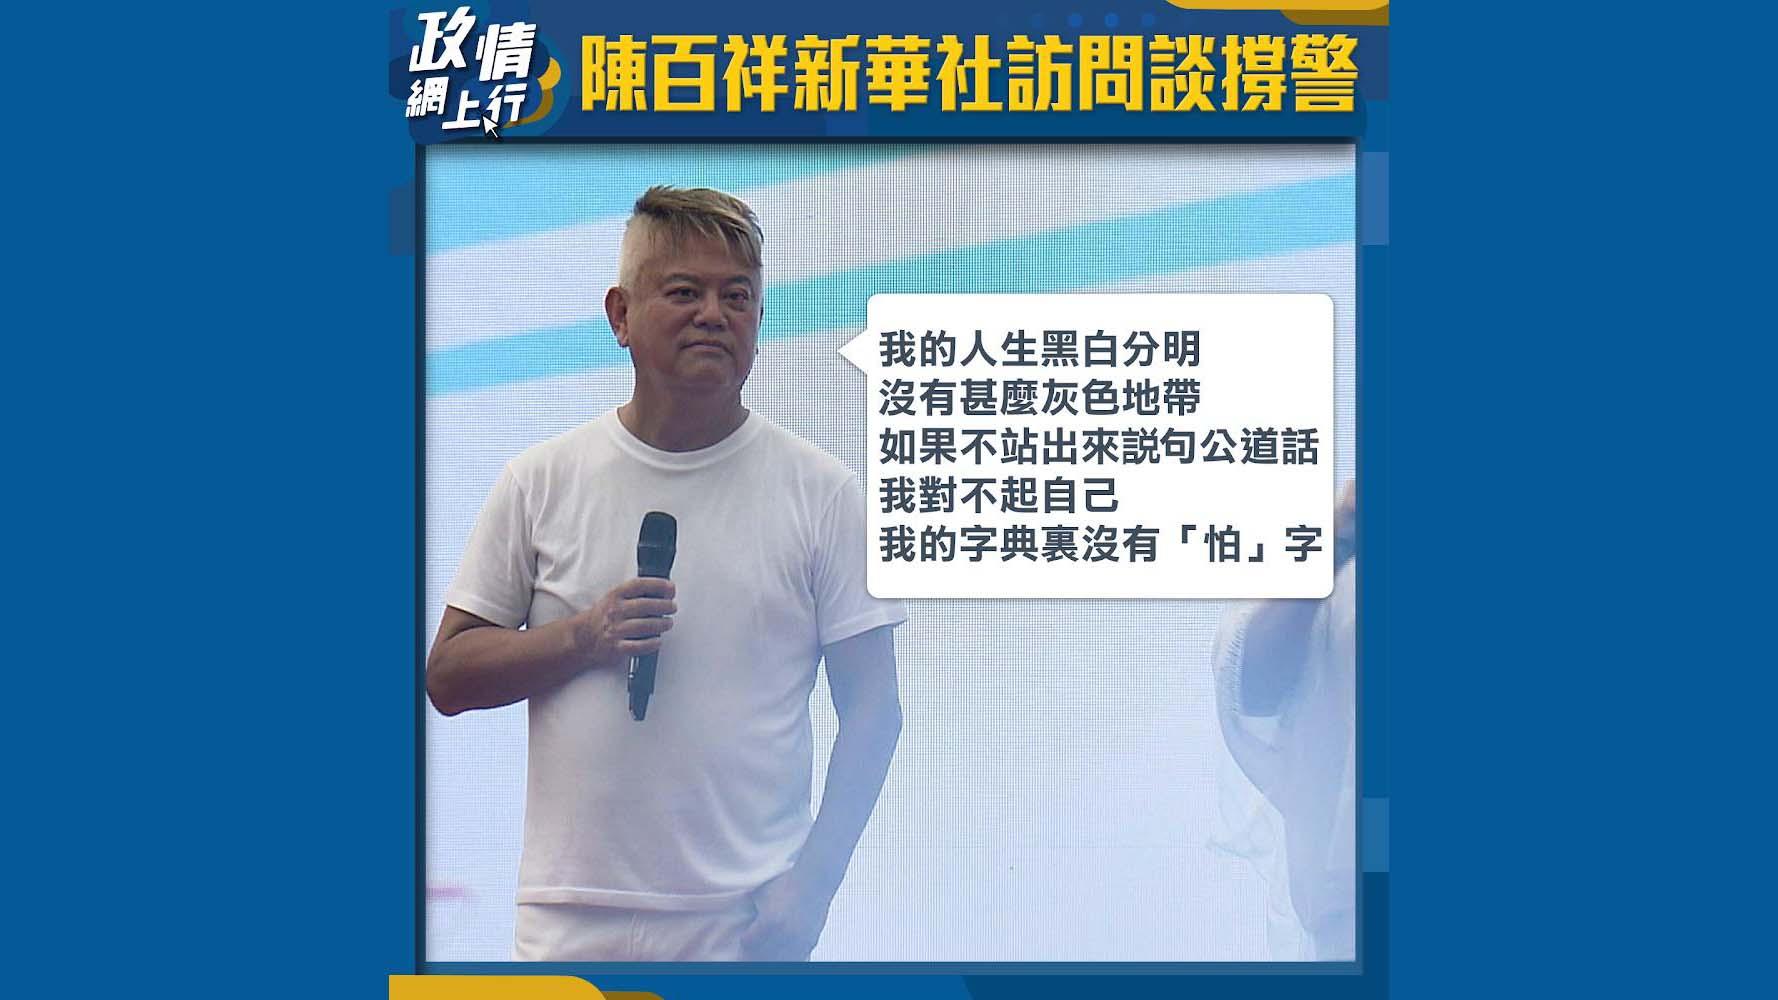 【政情網上行】陳百祥新華社訪問談撐警